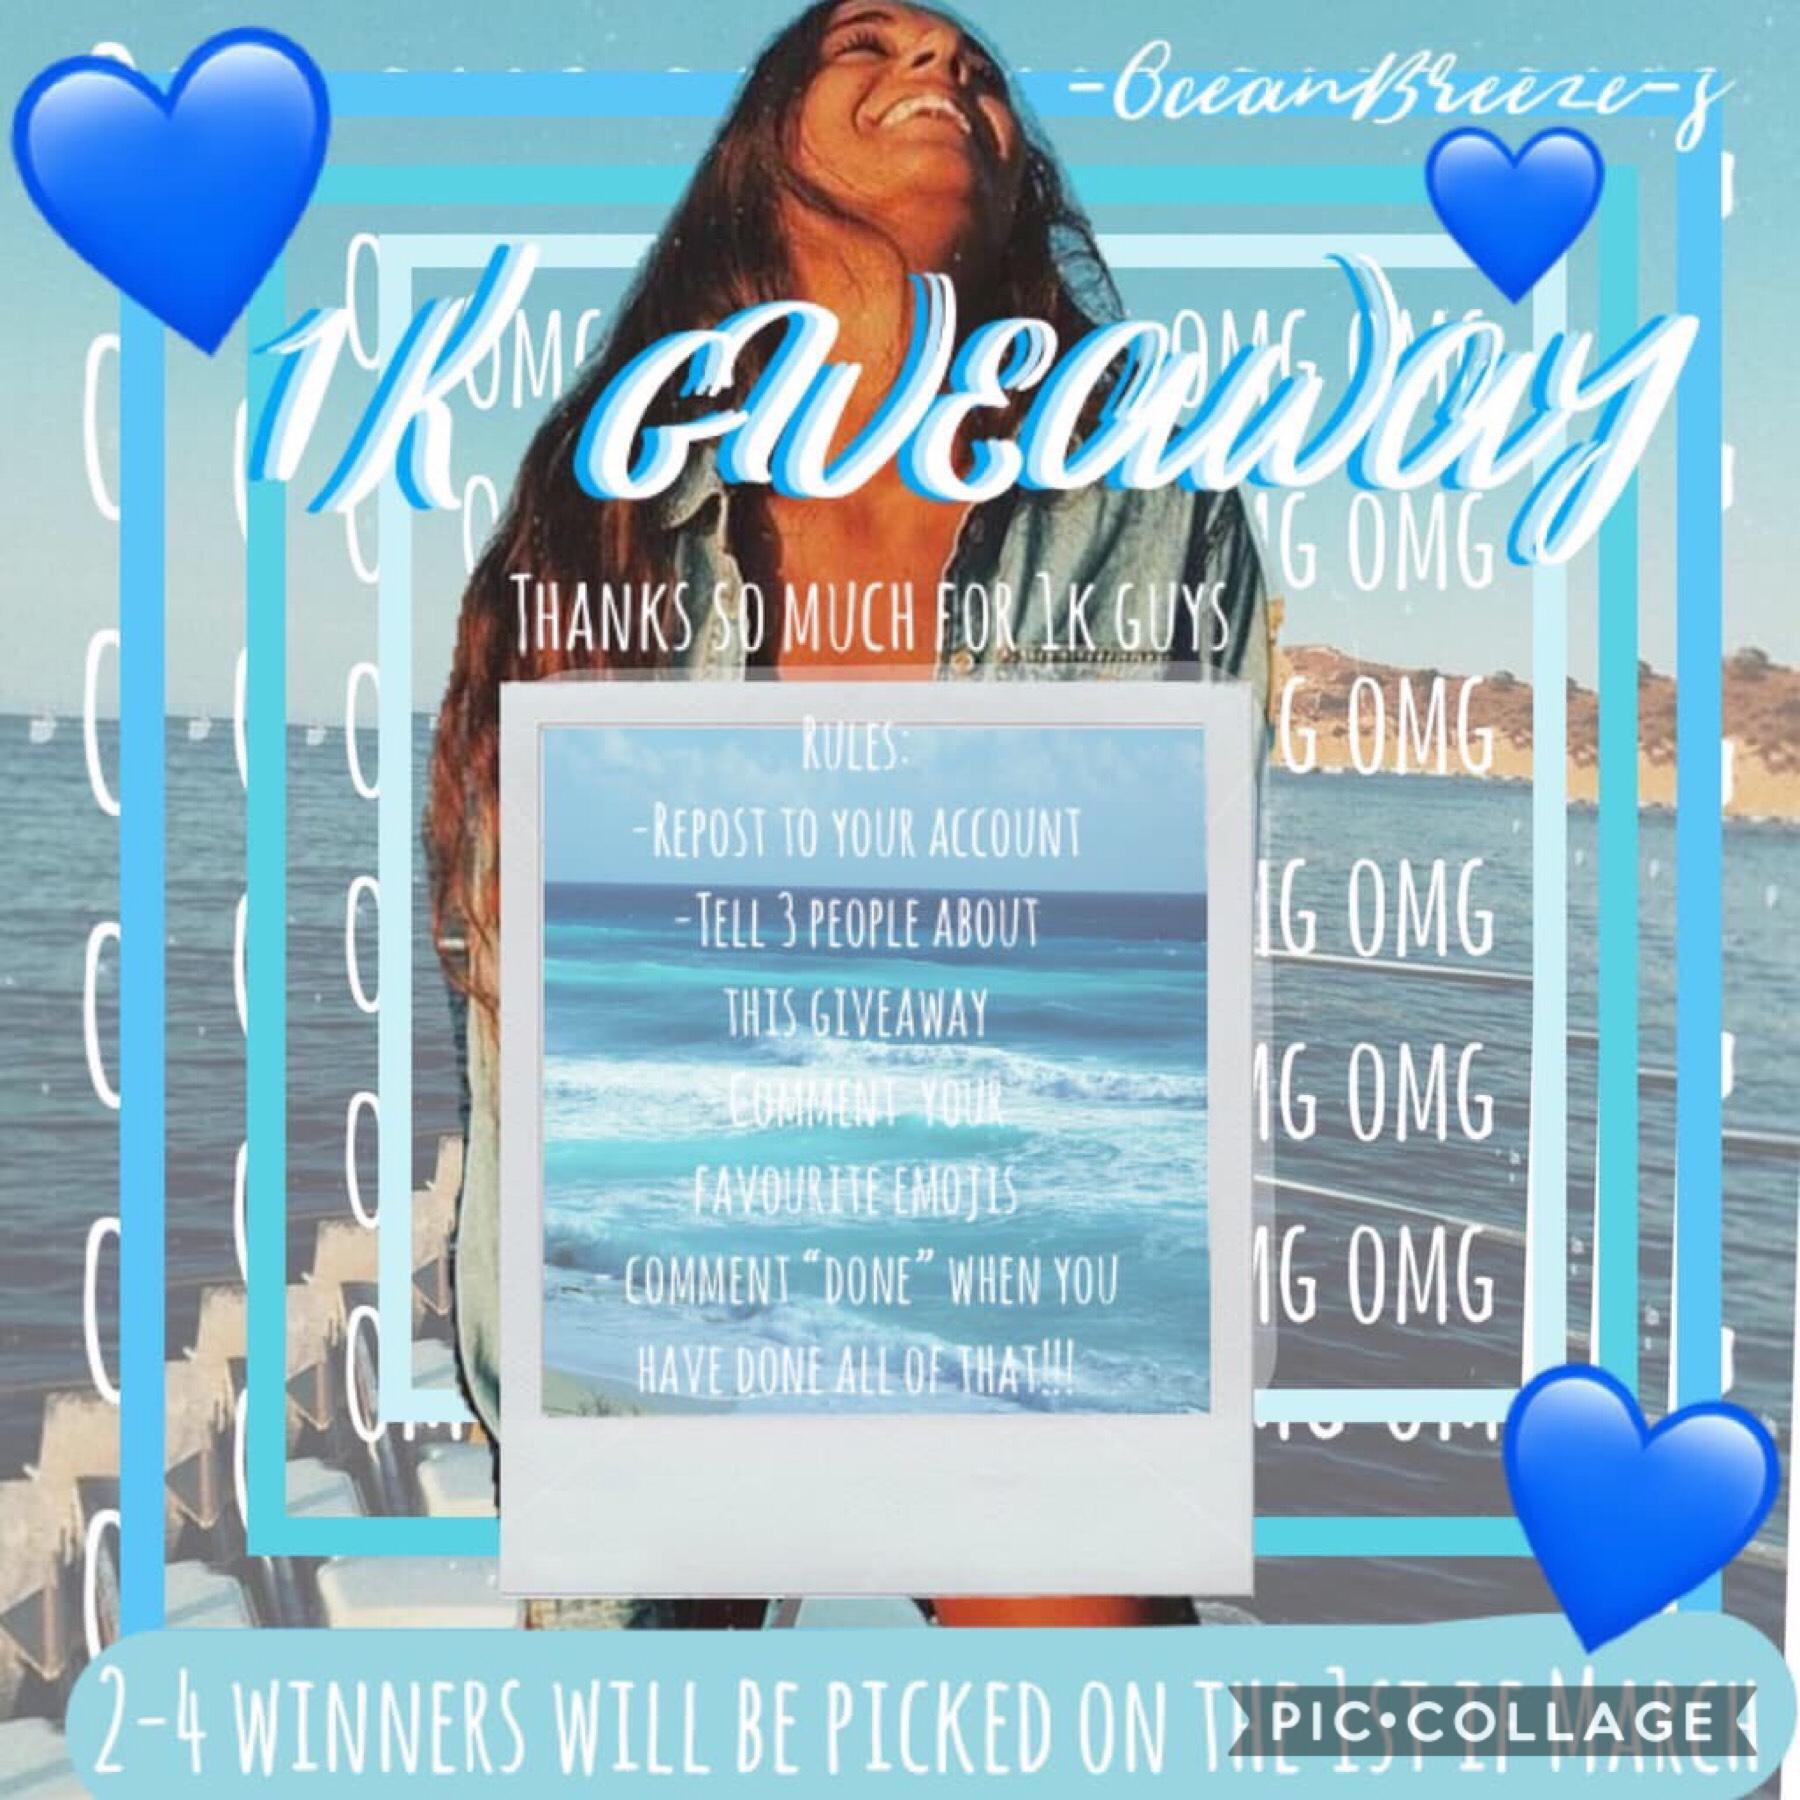 -oceanbreeze-'s giveaway!!💙